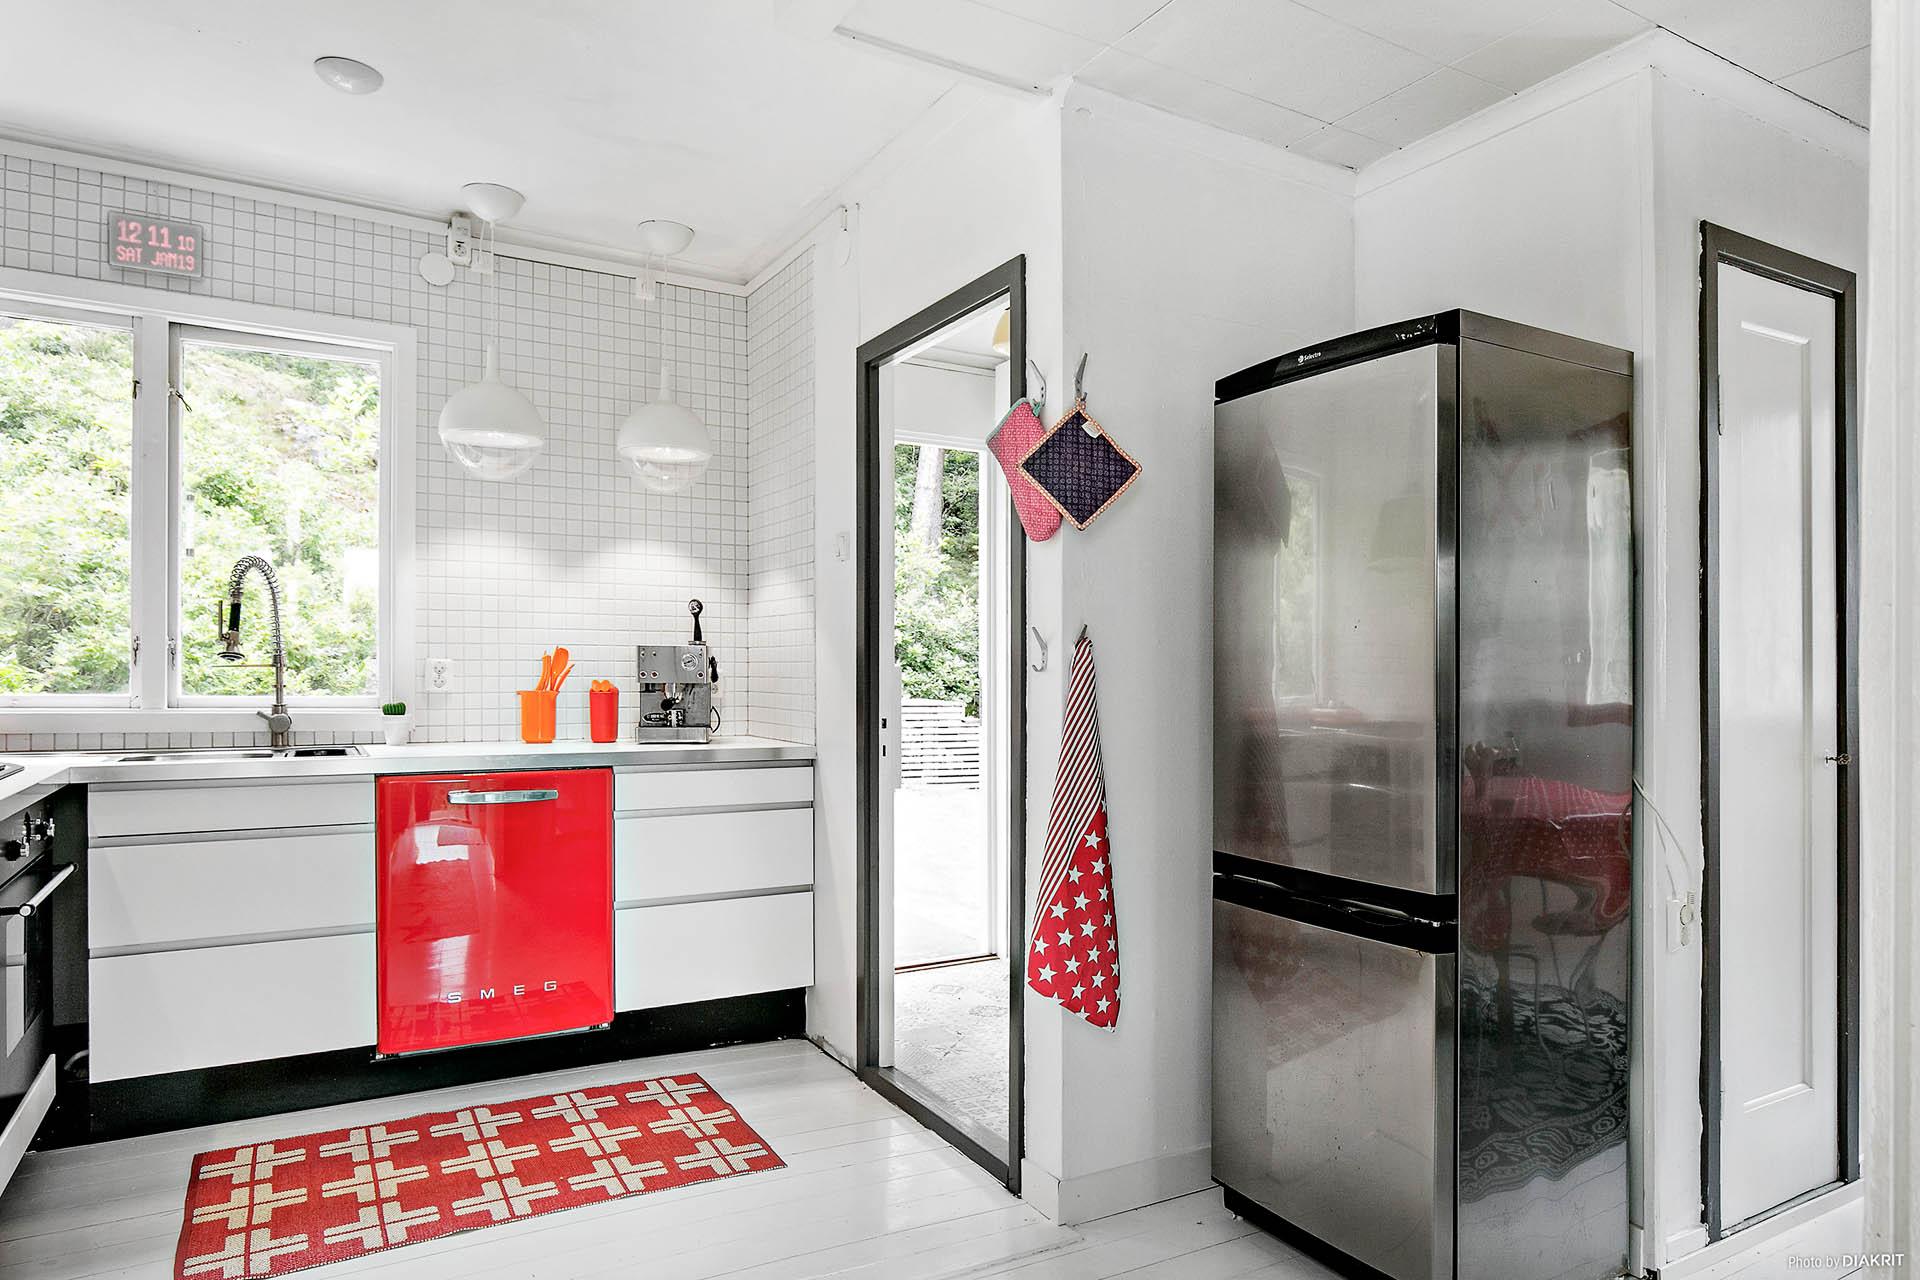 Från köket når man baksidan och badrummet.